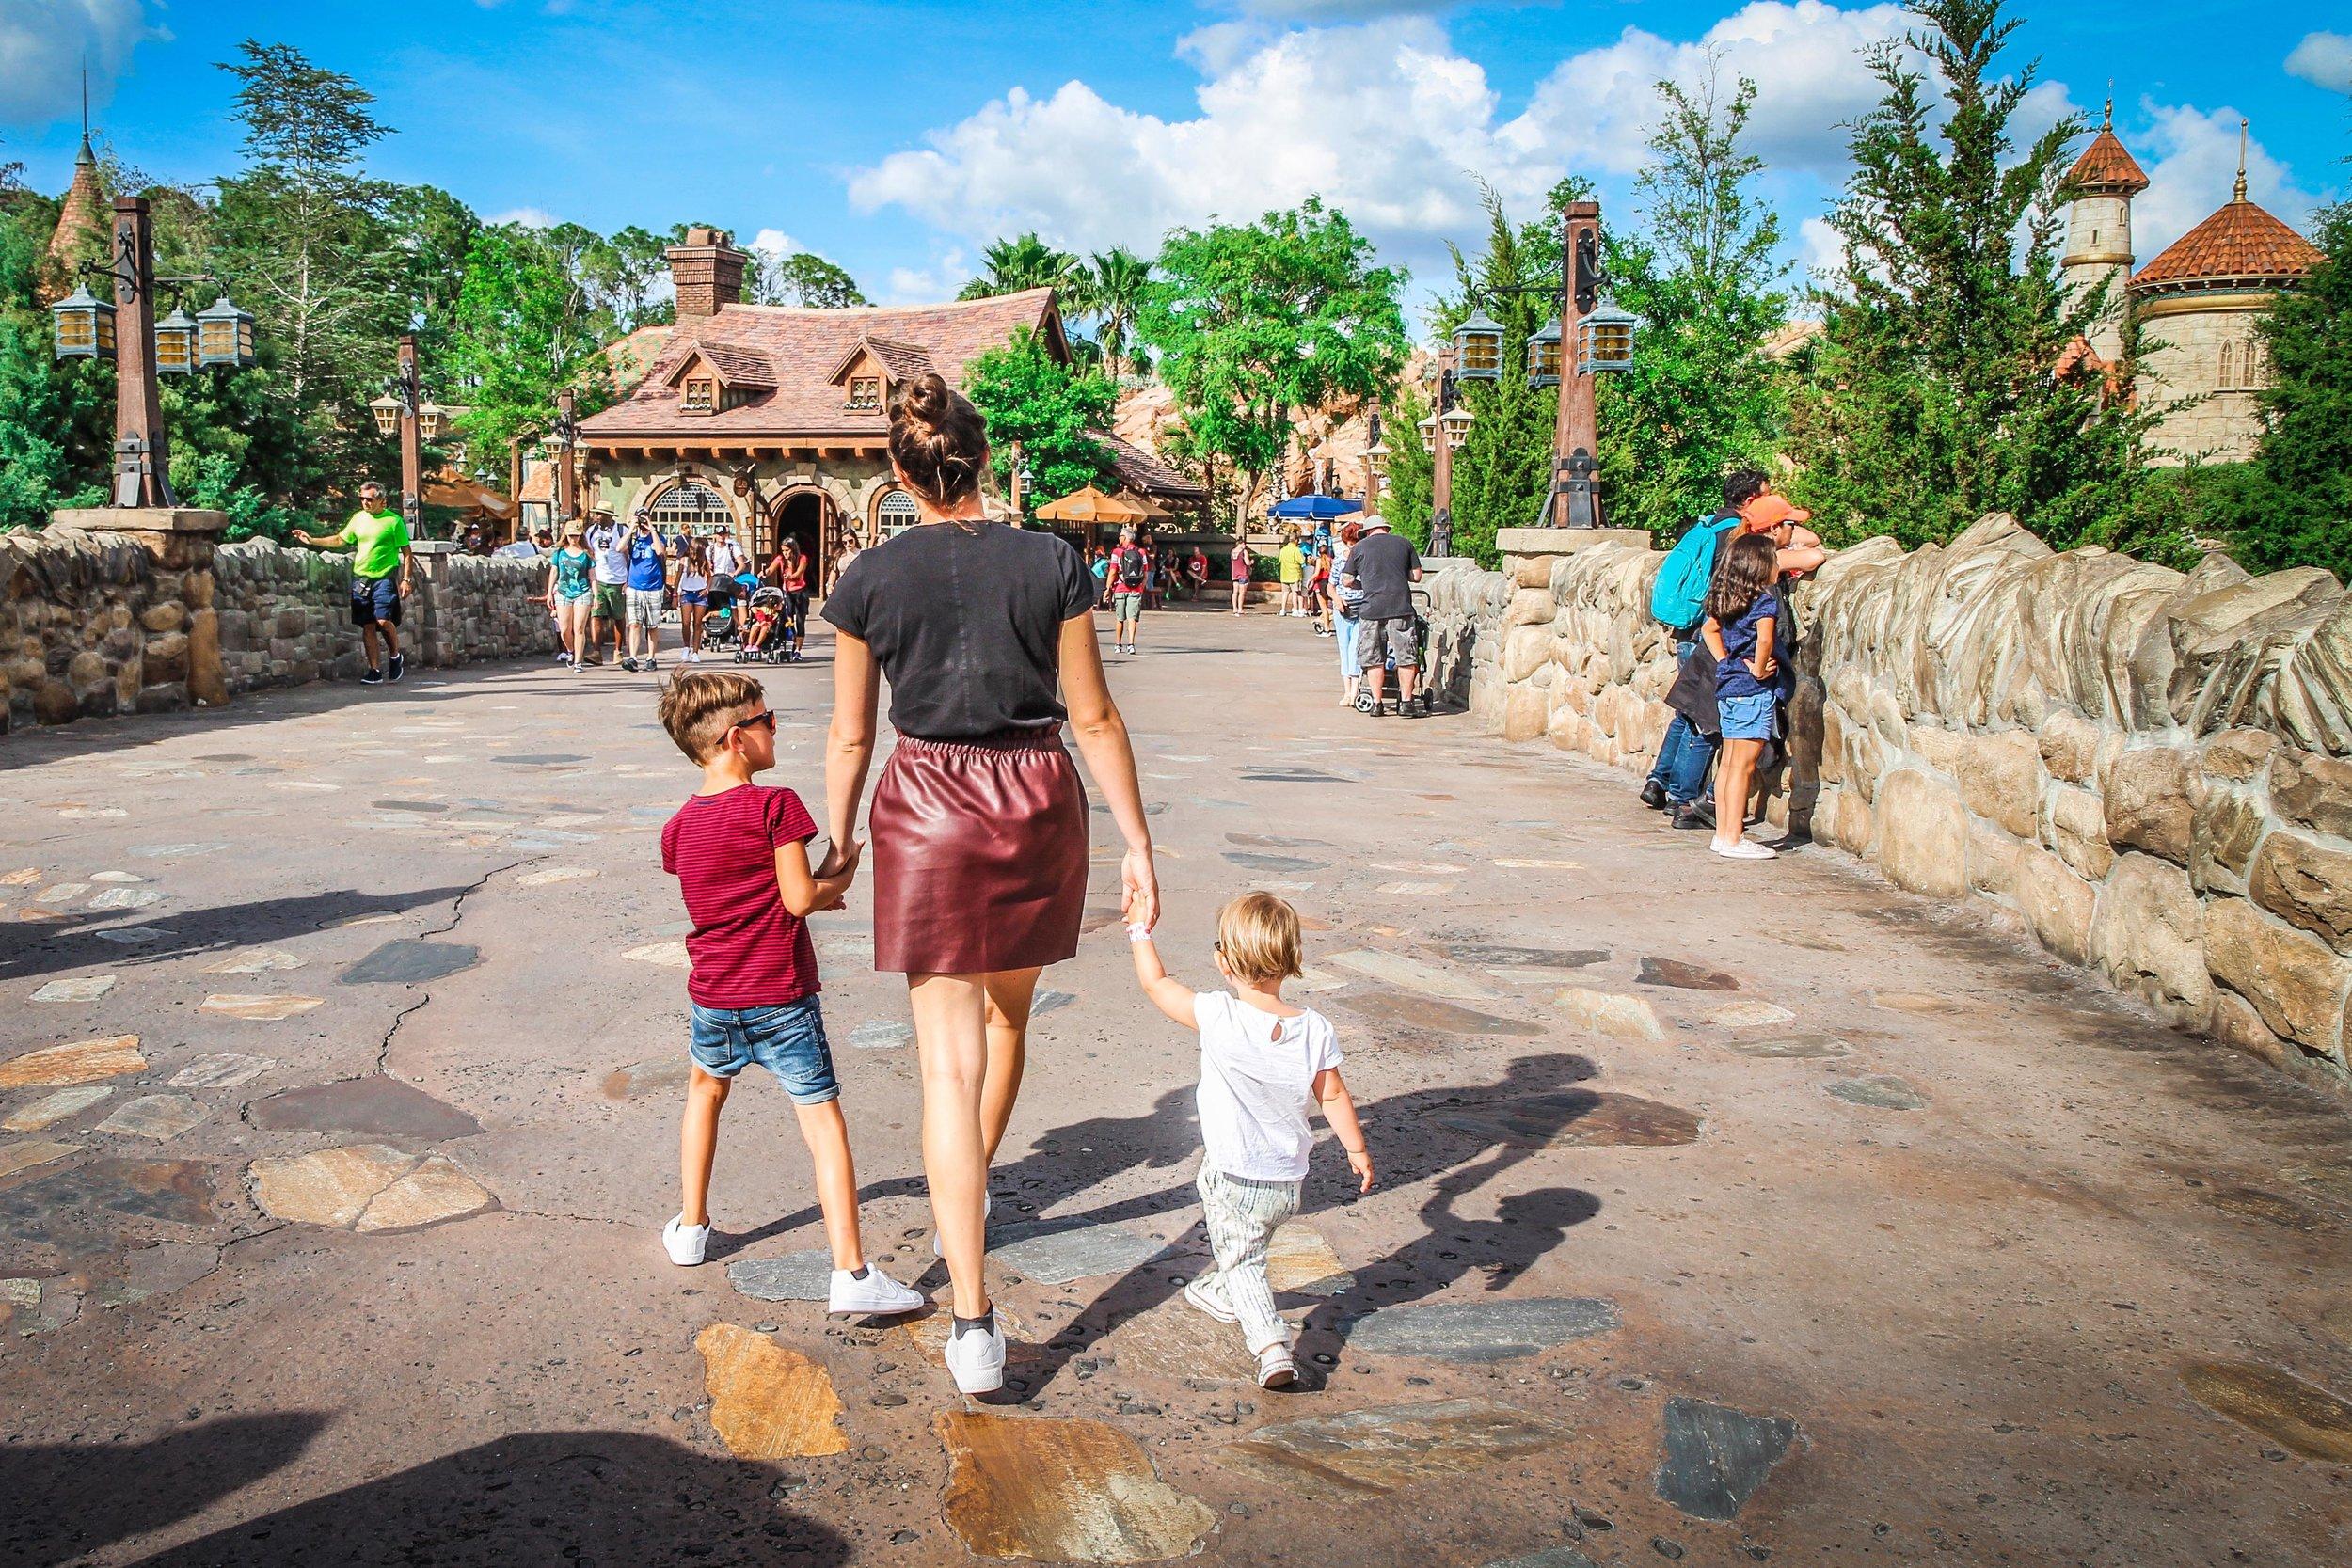 Disney_magical_kingdom_orlando_reizen_met_kinderen-42.jpg